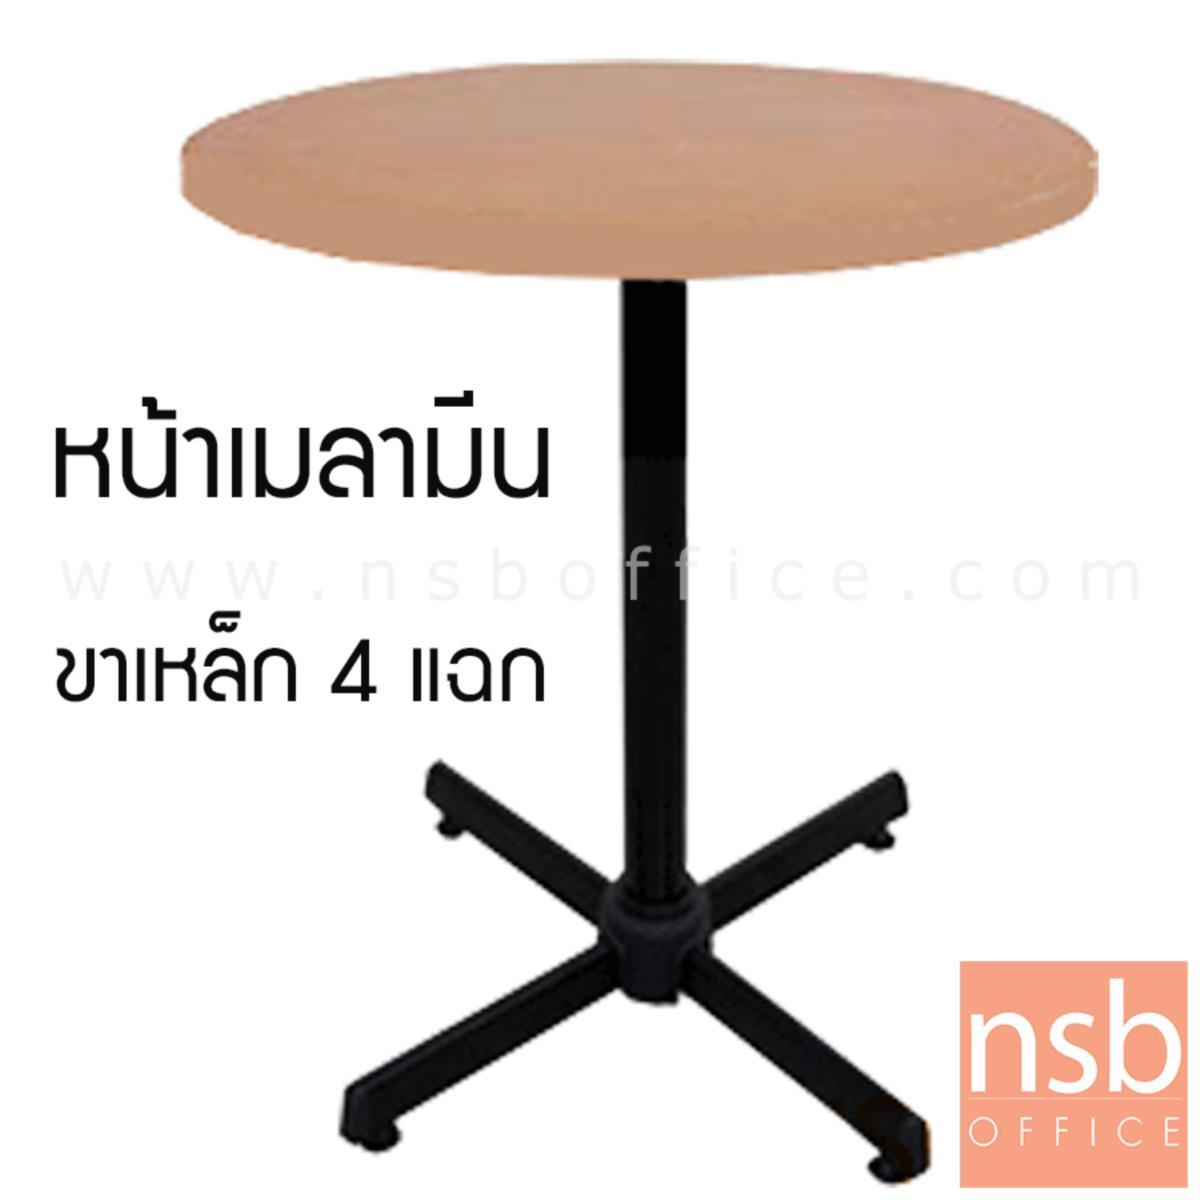 โต๊ะหน้าเมลามีน 25 มม. รุ่น  Beaumont 2 (โบมอนต์ 2) ขนาด 60W ,75W ,60Di ,75Di cm.  ขาเหล็กฐาน 4 แฉกสีดำ